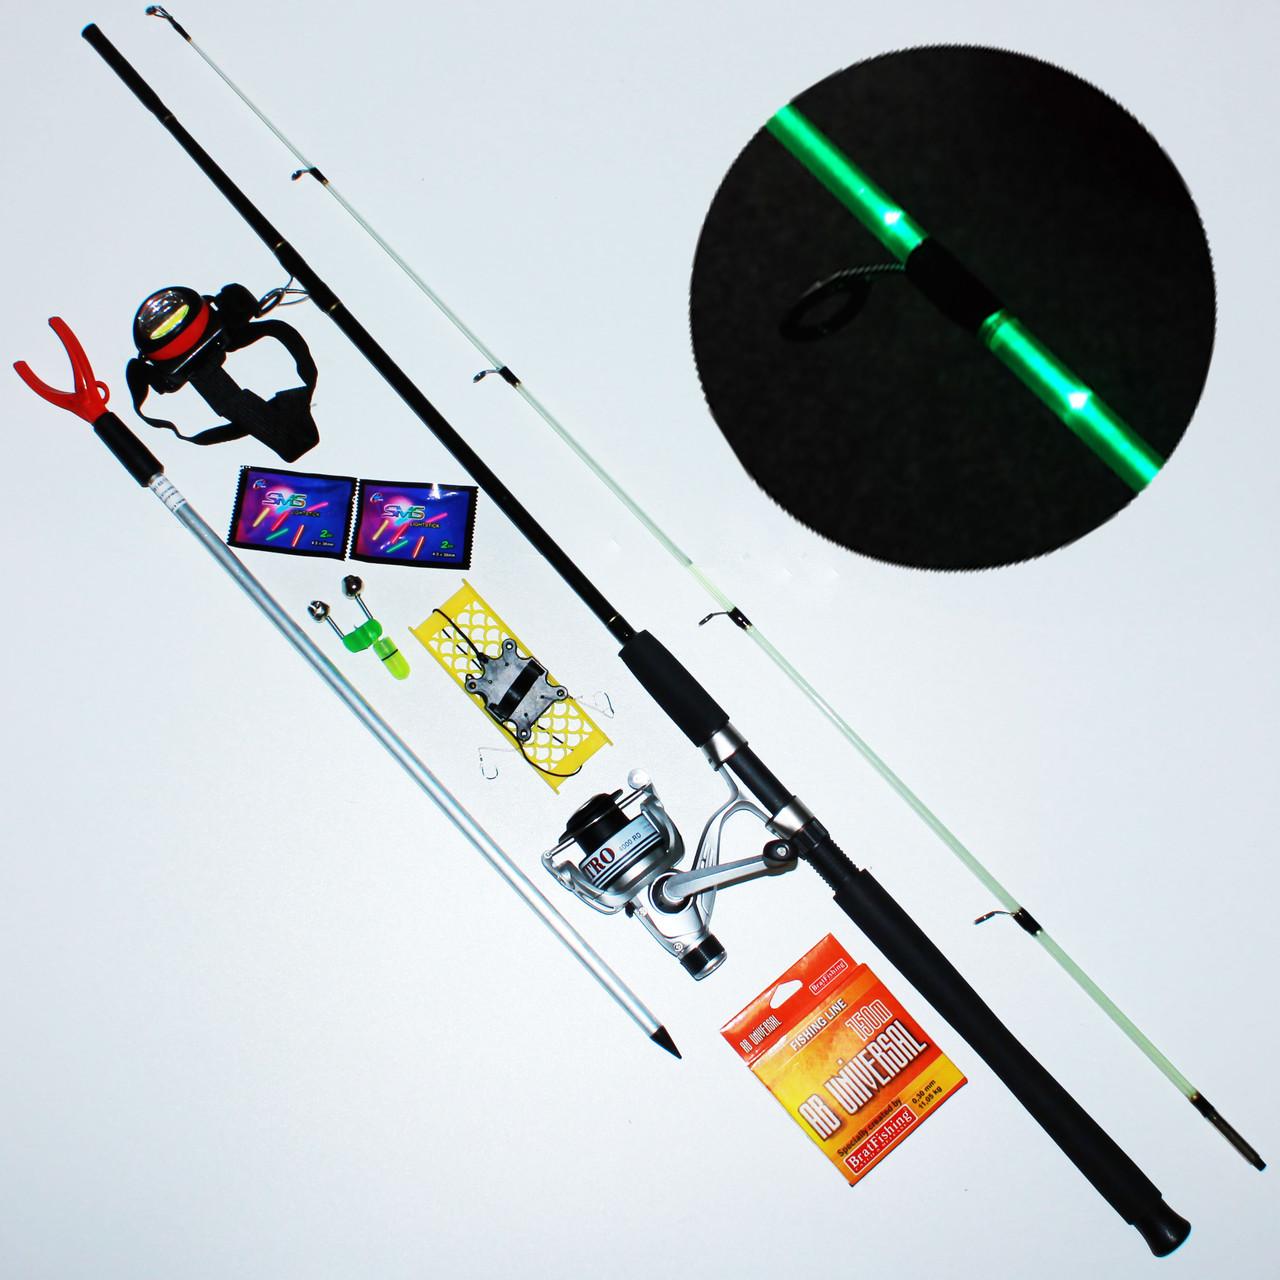 """Спиннинг Карповый"""" набор для ночной рыбалки"""" (спиннинг с подсветкой)"""